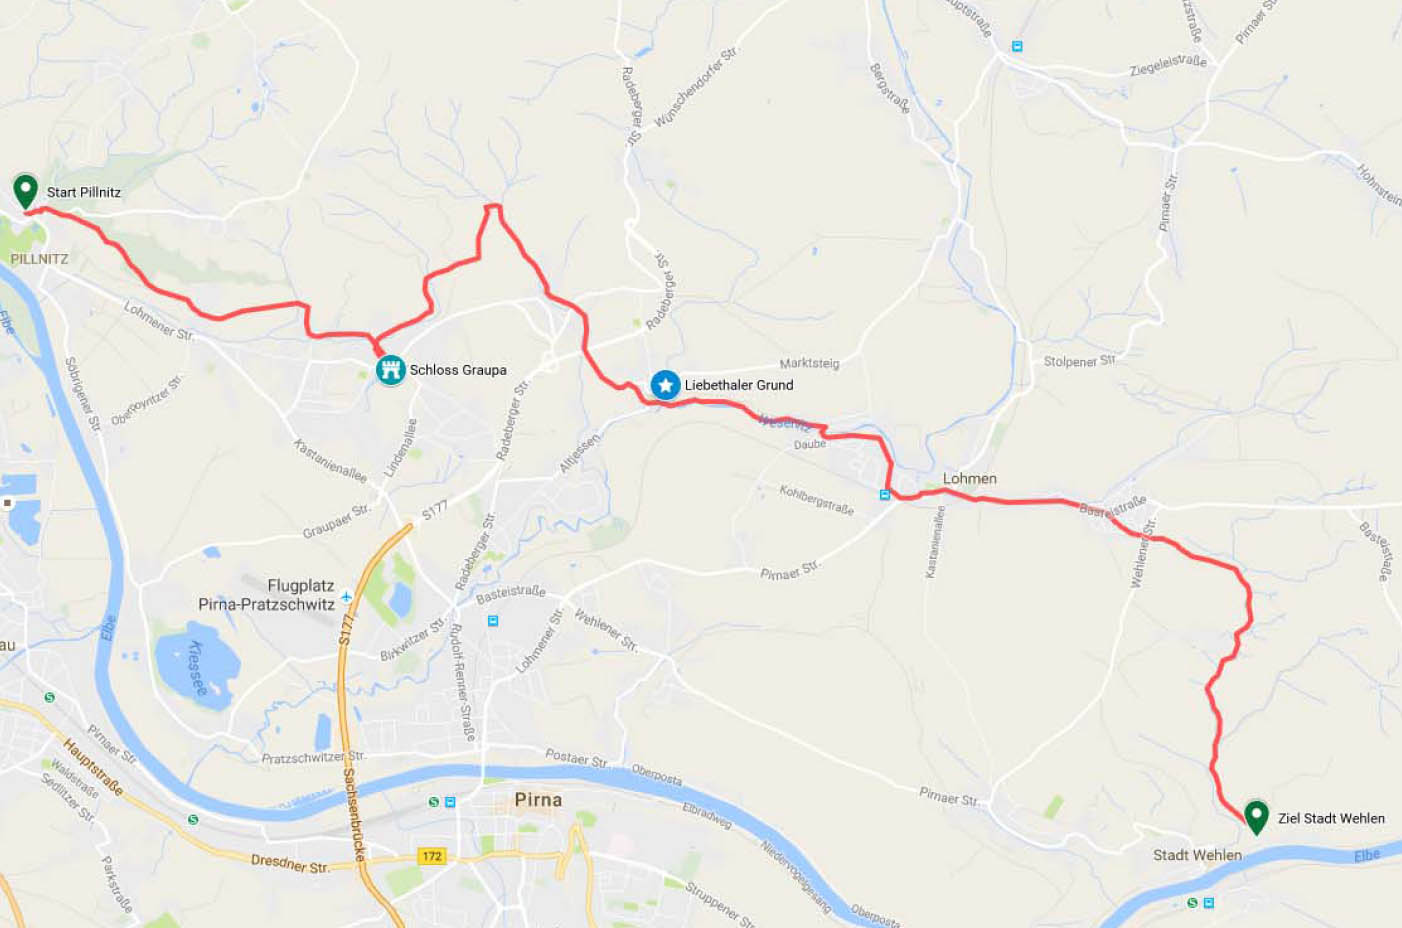 Pillnitz - Stadt Wehlen